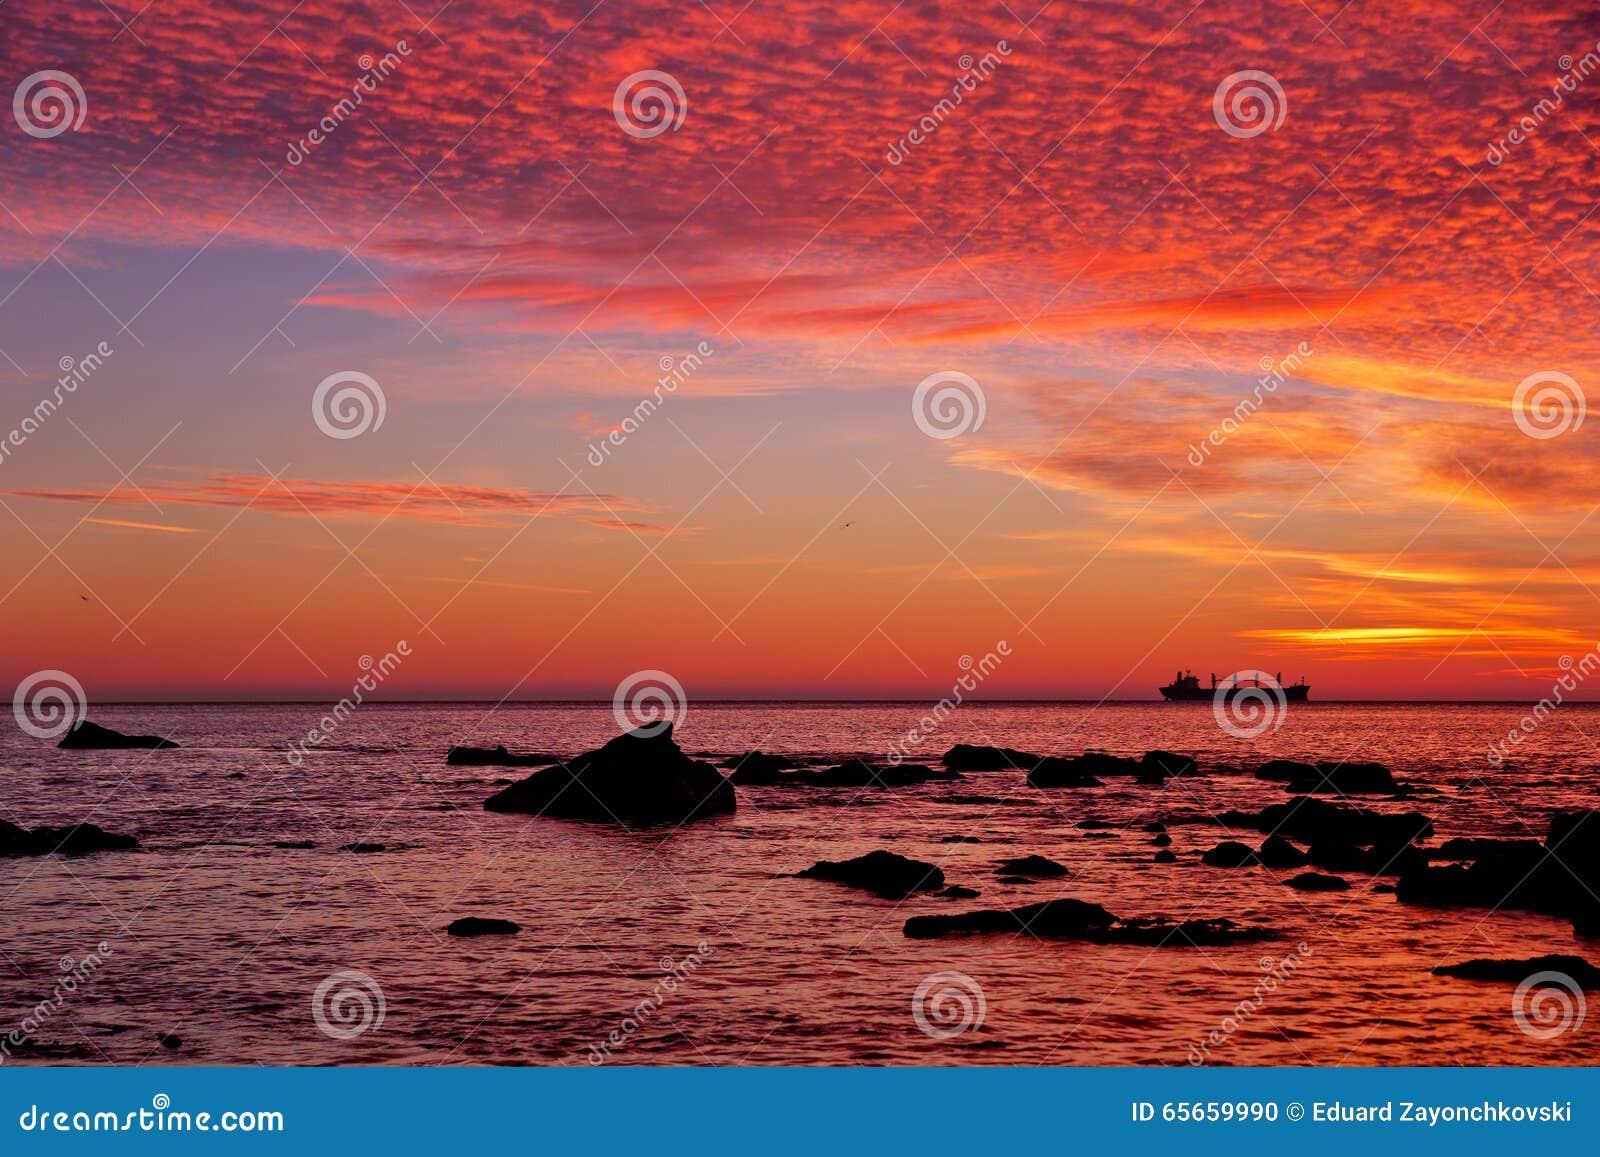 Salida del sol sobre el mar